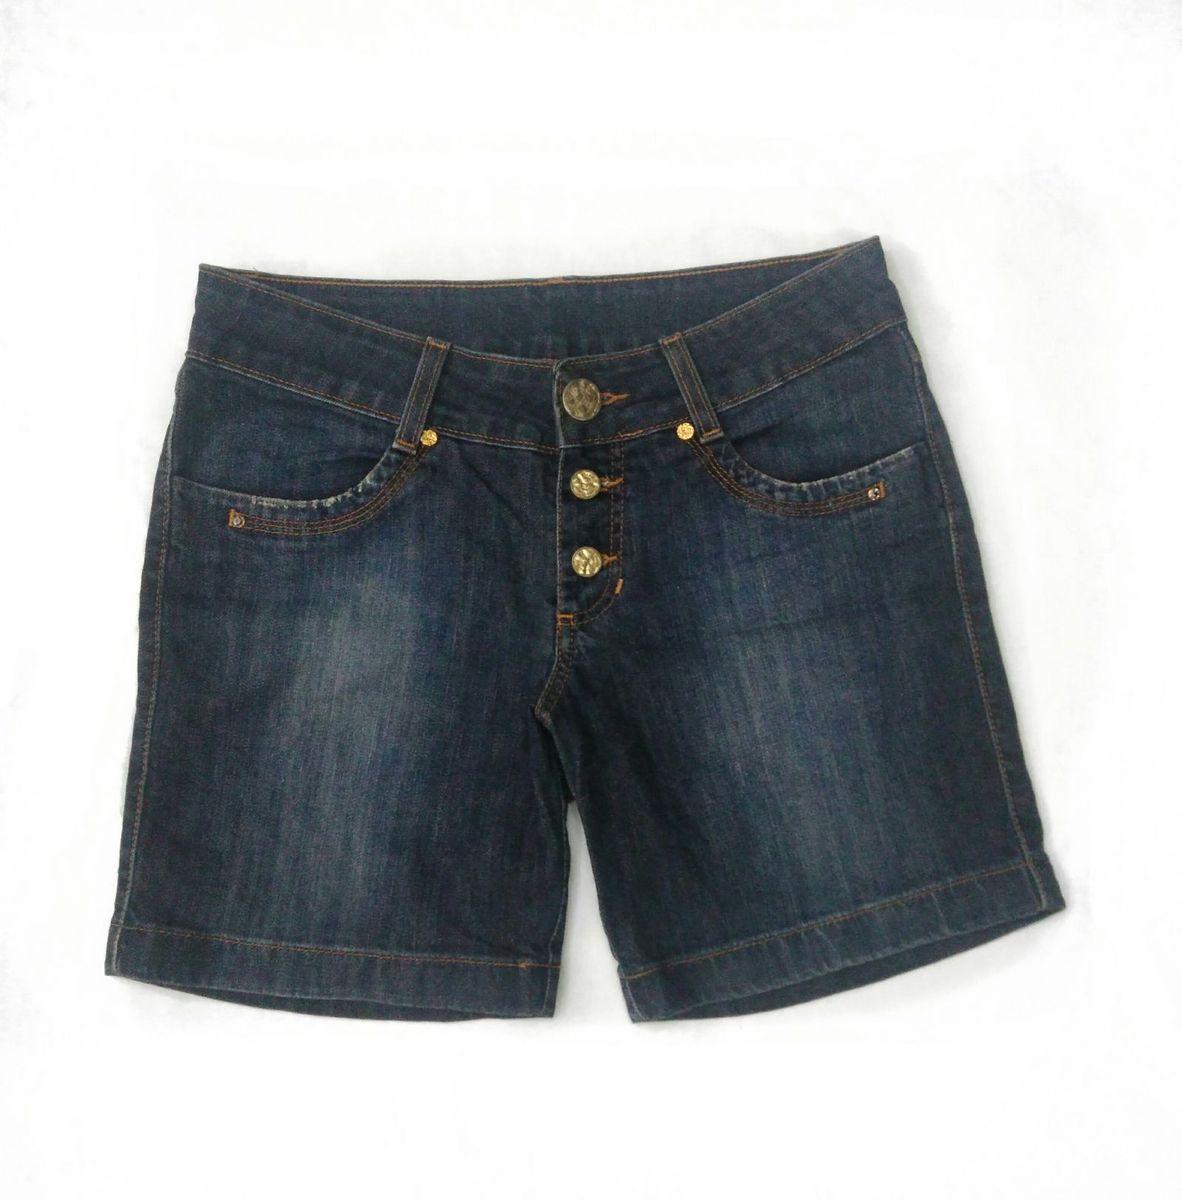 97c0a7613 bermuda jeans - short damyller.  Czm6ly9wag90b3muzw5qb2vplmnvbs5ici9wcm9kdwn0cy85ndy3oty3l2m0otqyztfiogzhmdkyntyzoge3zmqzyzgyzgywzjbhlmpwzw